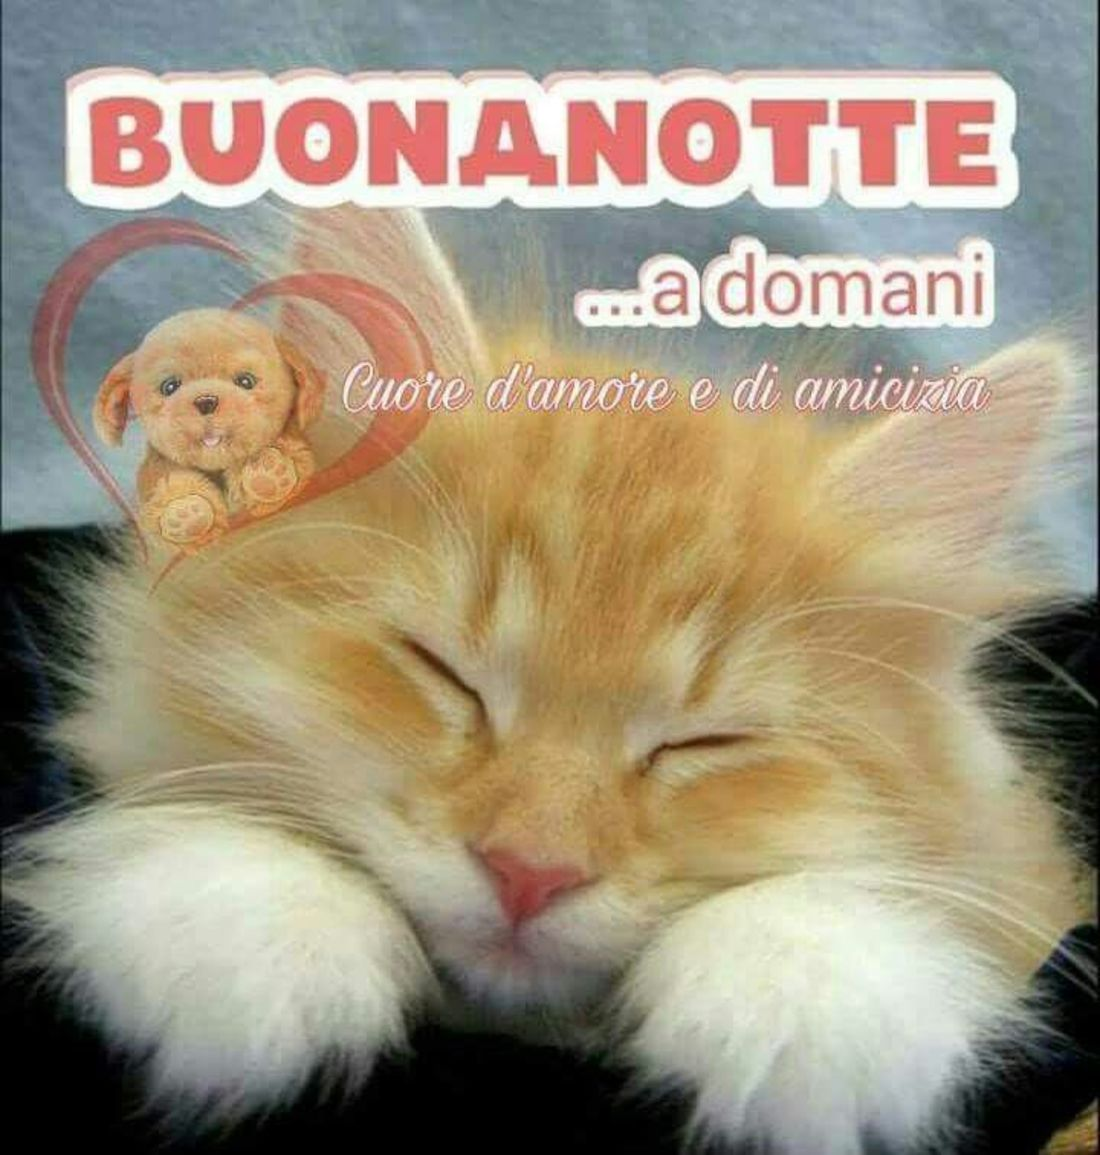 Buonanotte Dolce Immagini 3 Immaginiwhatsapp It